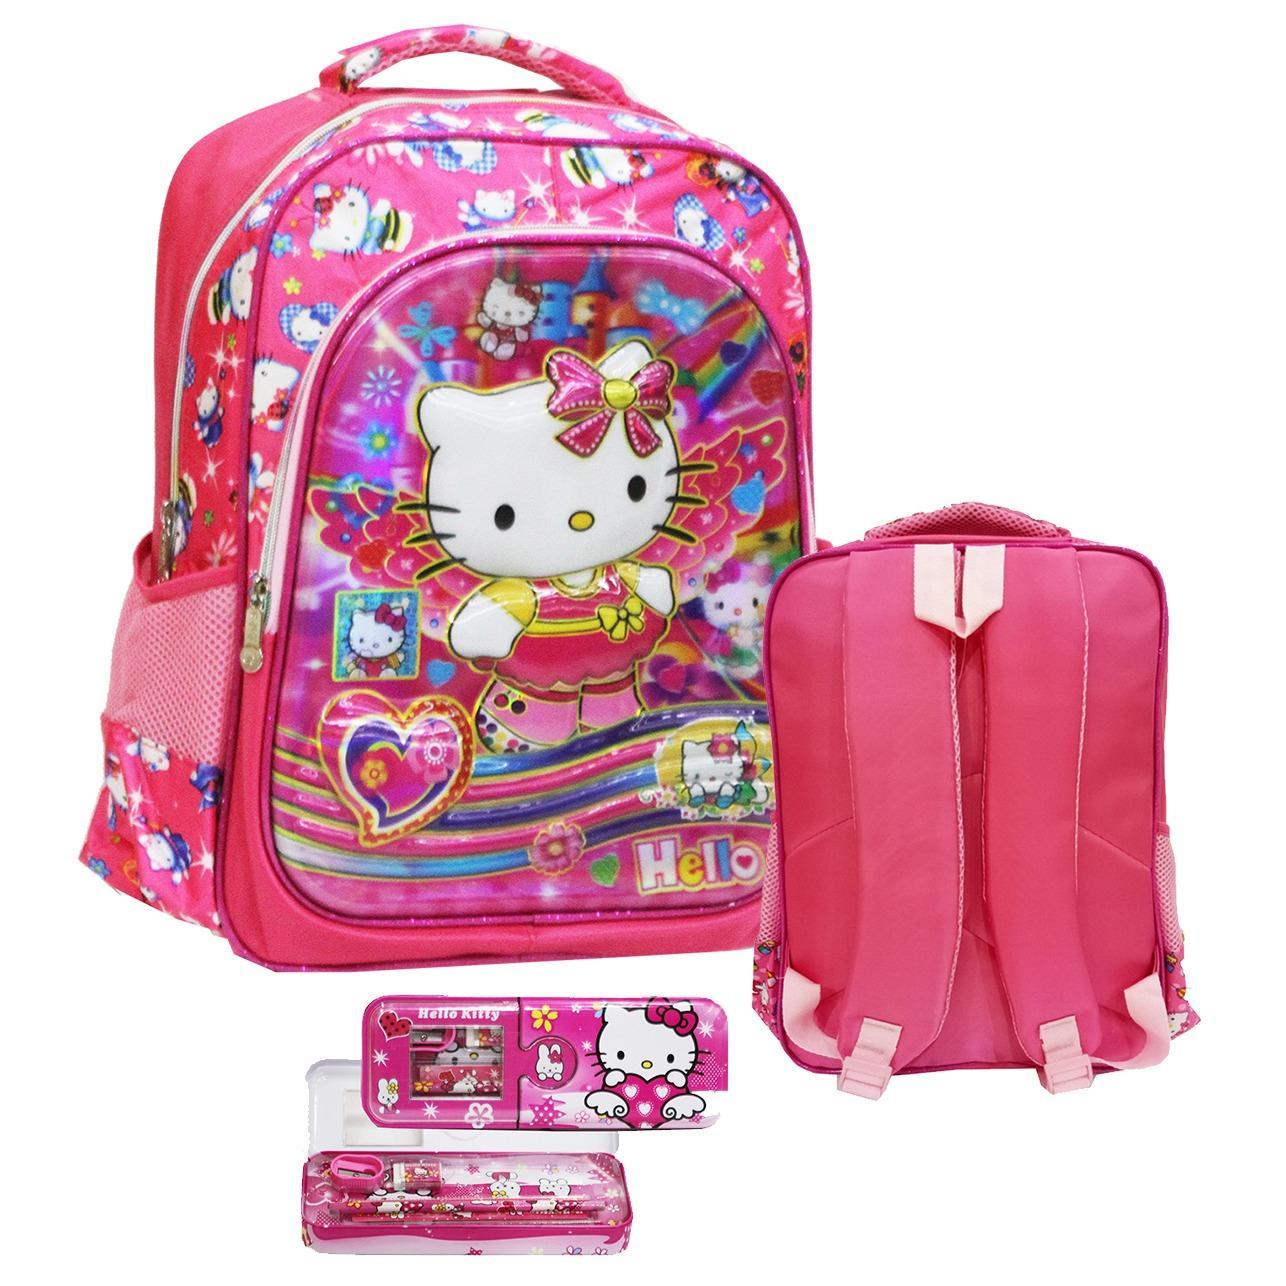 Onlan Tas Ransel Anak Sekolah SD Motif Karakter Hello Kitty Cantik 5D Timbul Hologram Import Dua Kantung + Kotak Pensil - Pink